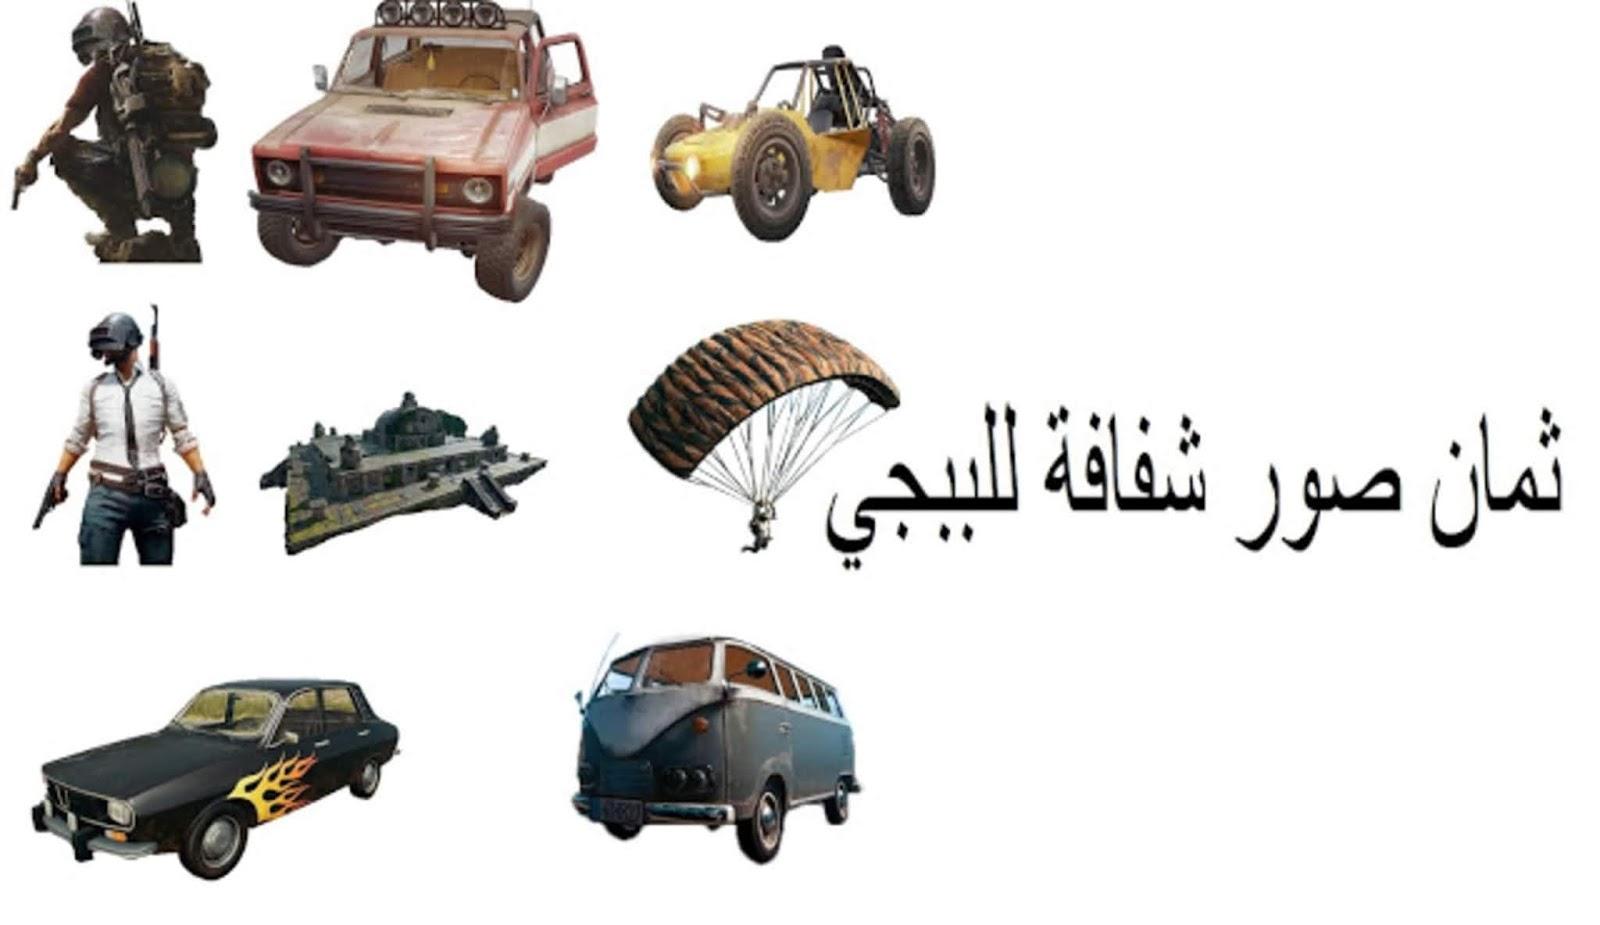 ملصقات واتس اب ببجي PUBG صور شفافة مجانية